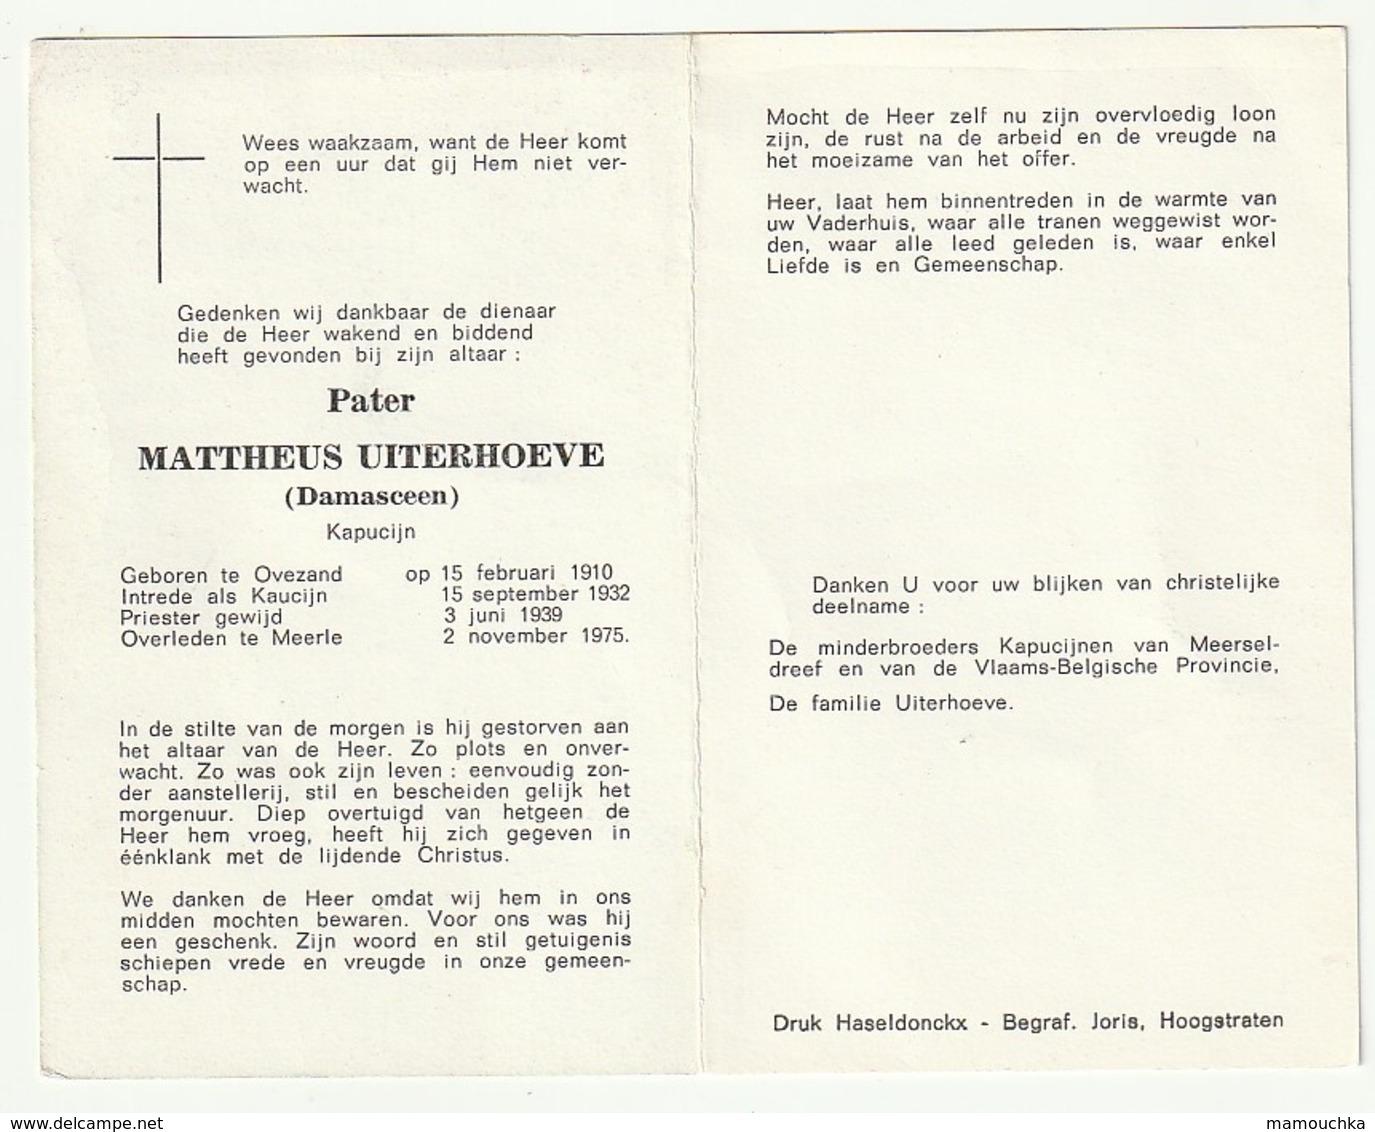 Doodsprentje Pater Mattheus UITERHOEVE Damasceen Ovezand 1910 Priester Kapucijn Meerle 1975 - Images Religieuses